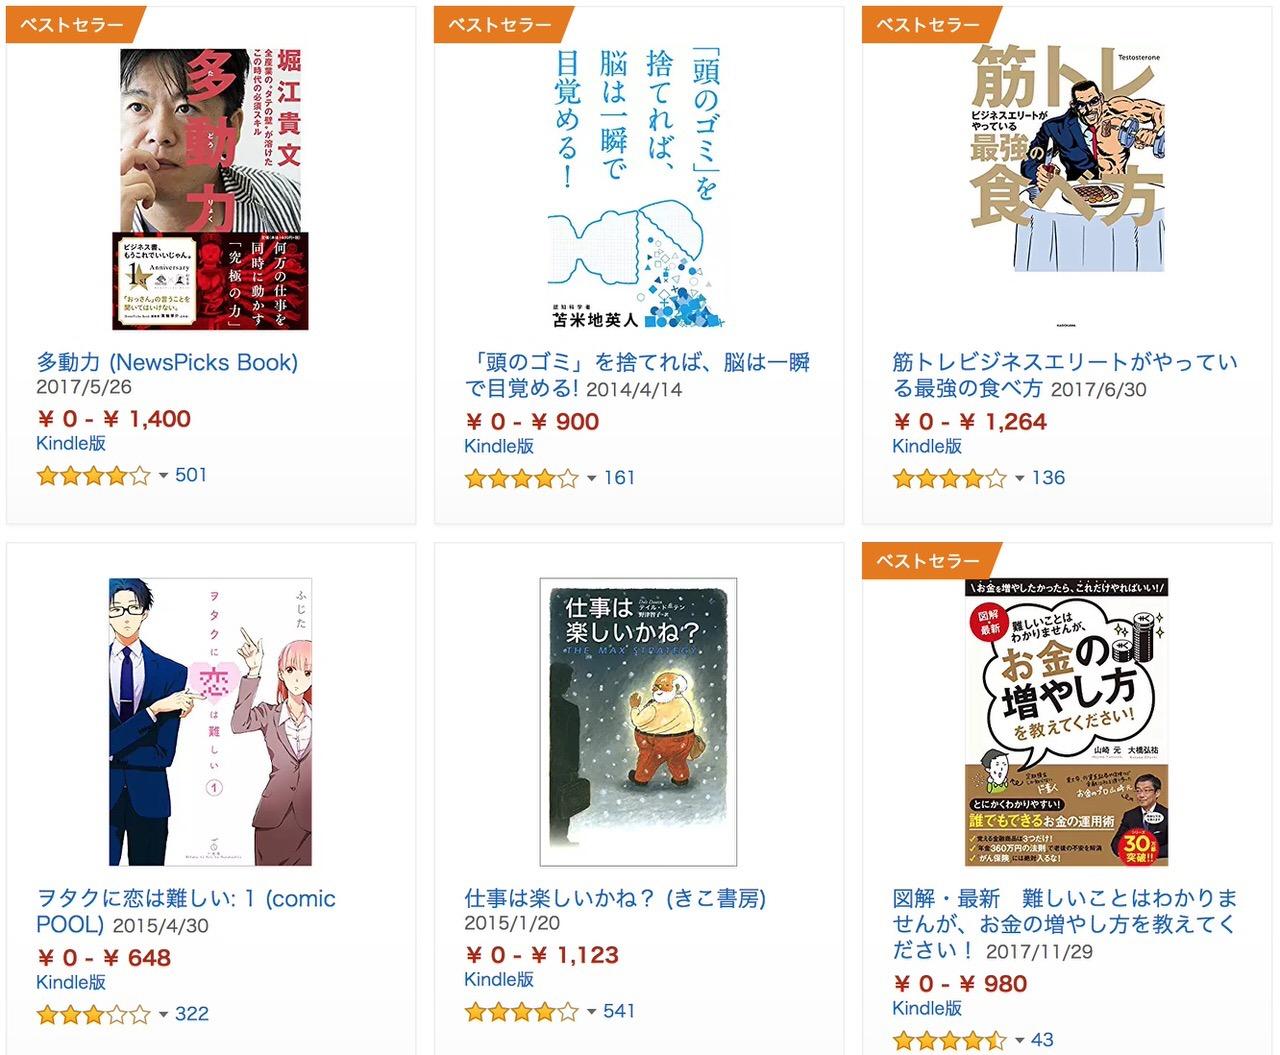 【Amazonプライム】「Prime Reading」を体験して100ポイントプレゼントキャンペーン(7/31まで)